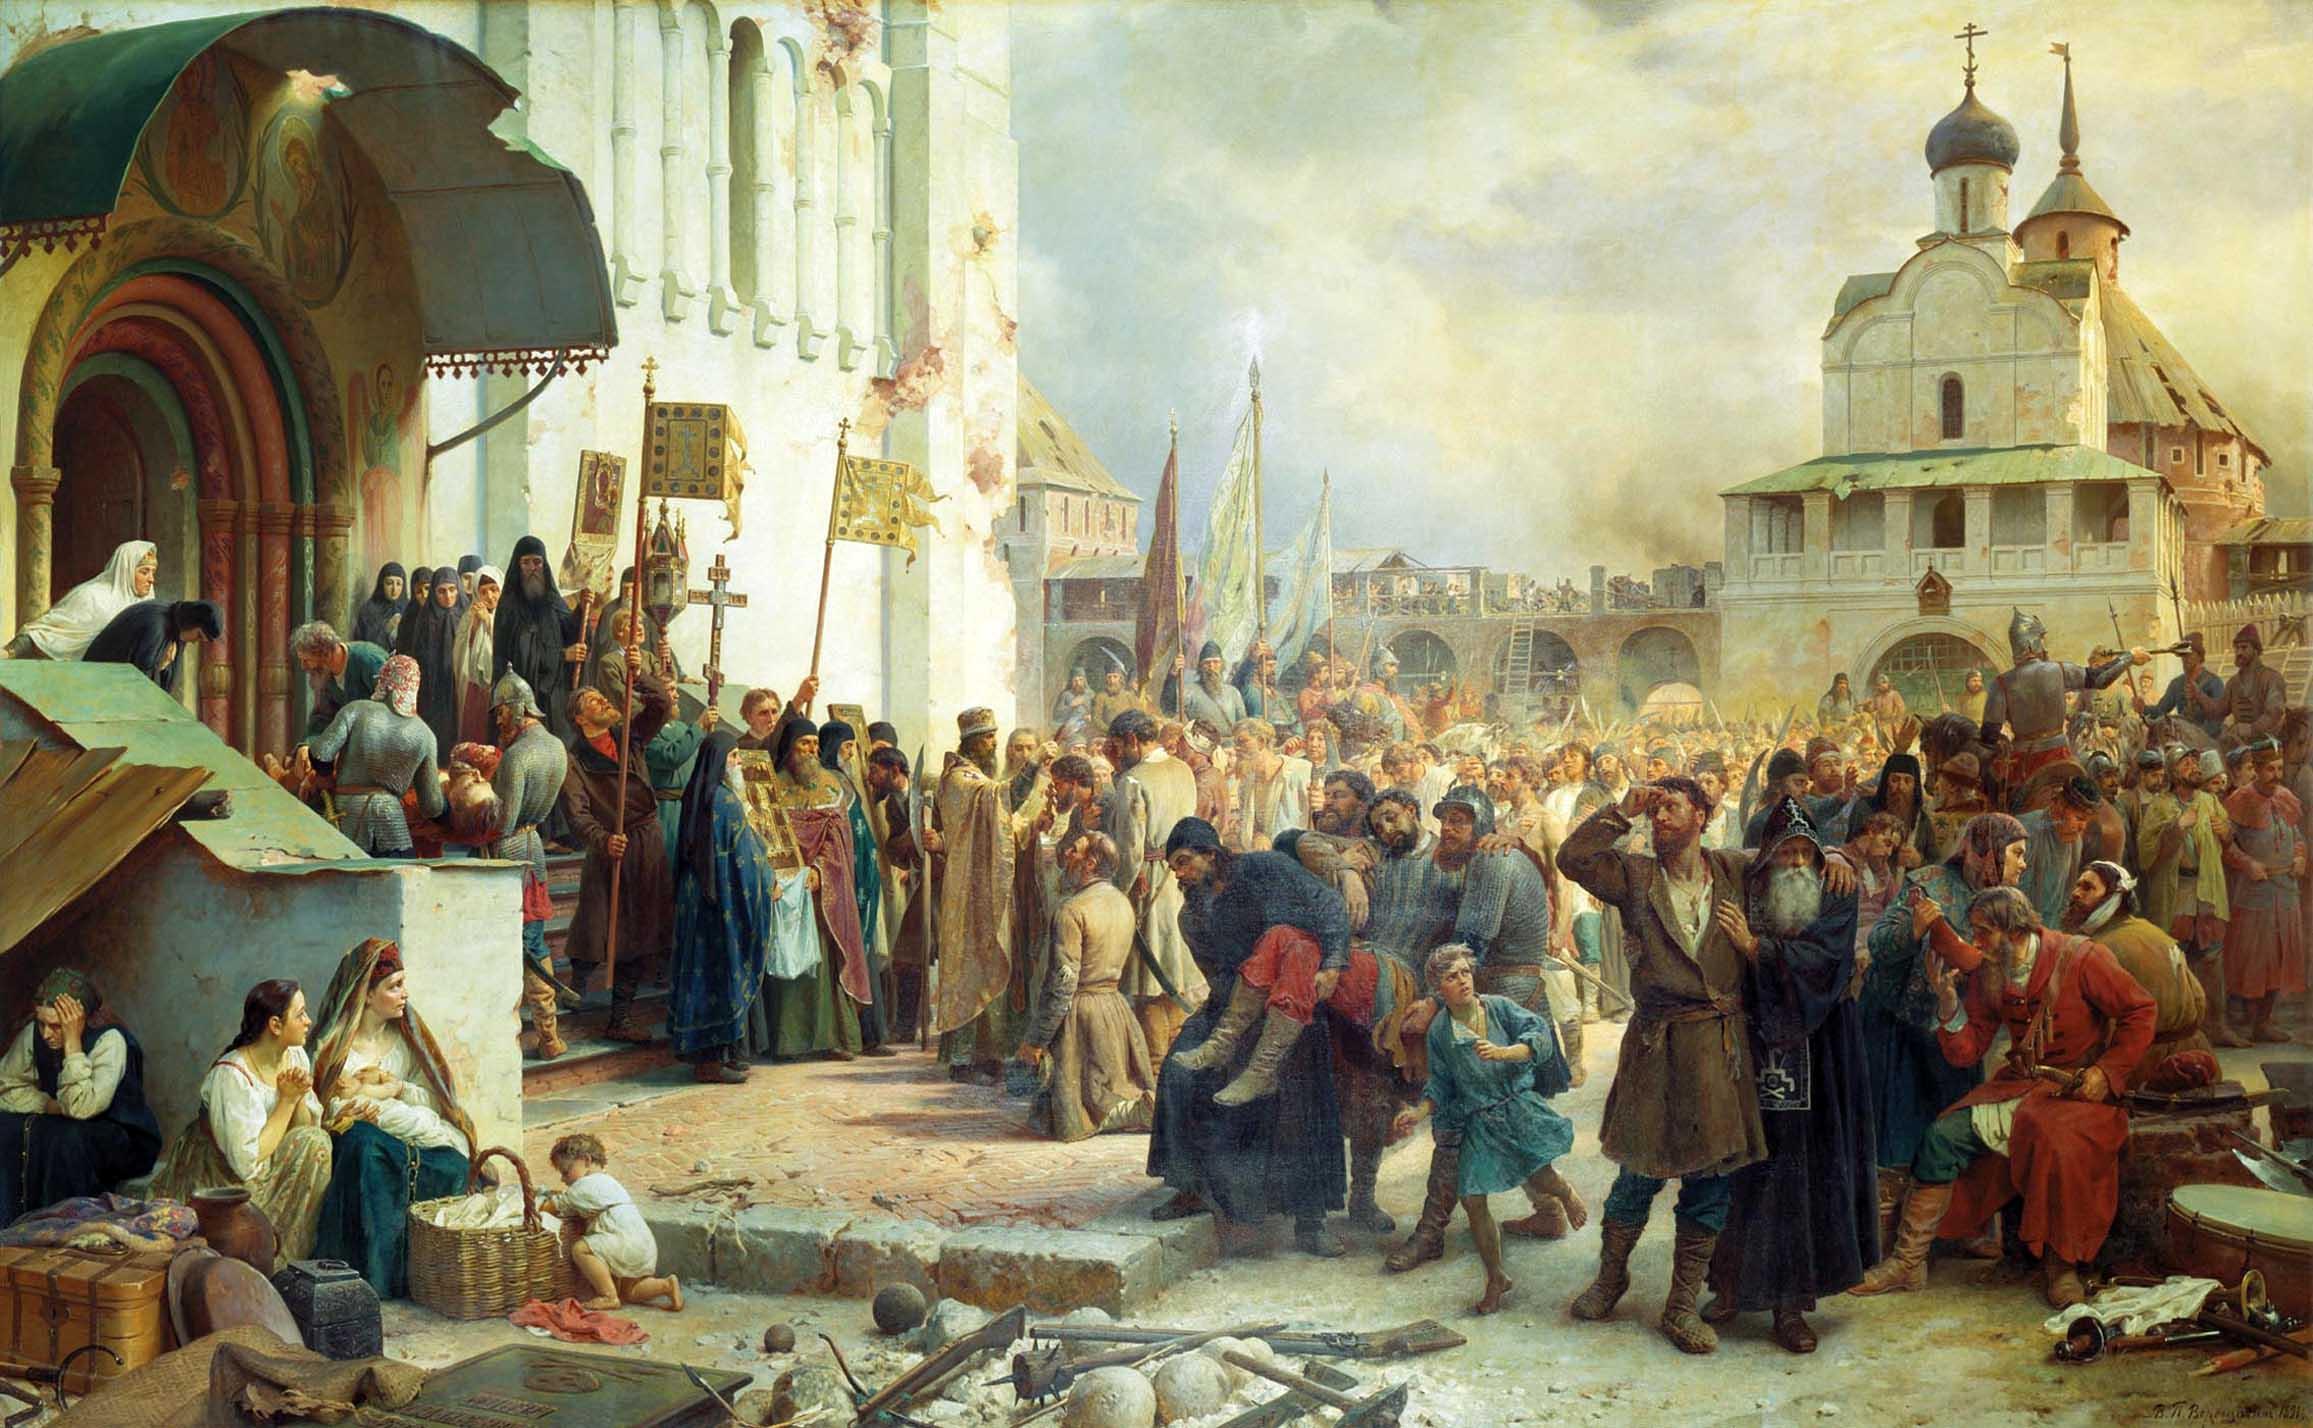 Смутное время - единство народа спасло Россию